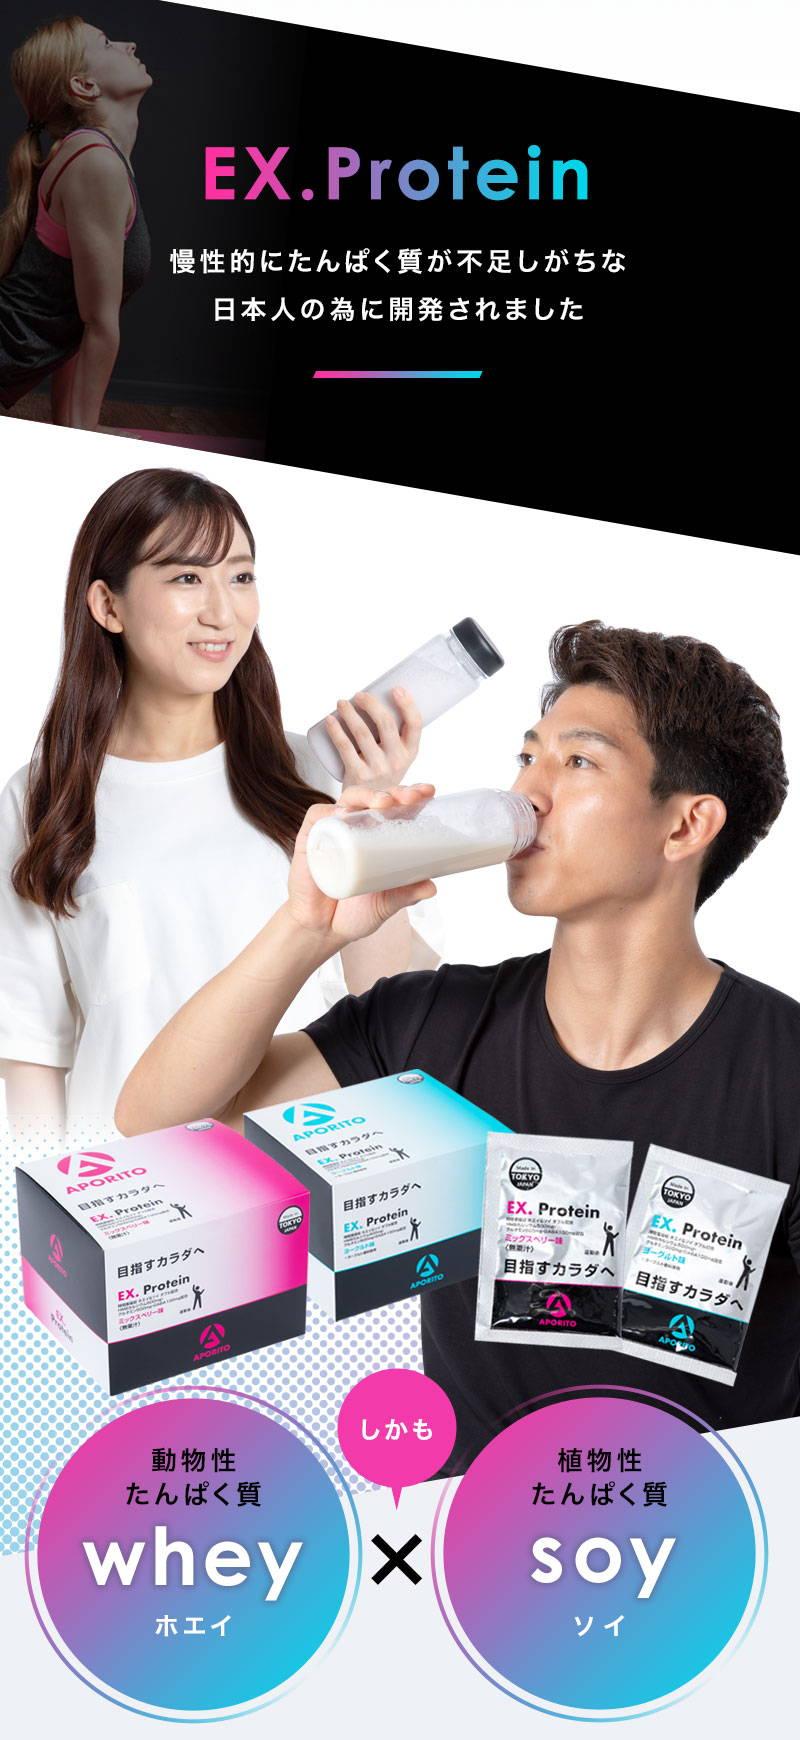 EX.Protein 慢性的にたんぱく質が不足しがちな日本人の為に開発されました 動物性たんぱく質wheyホエイ しかも 植物性たんぱく質soyソイ